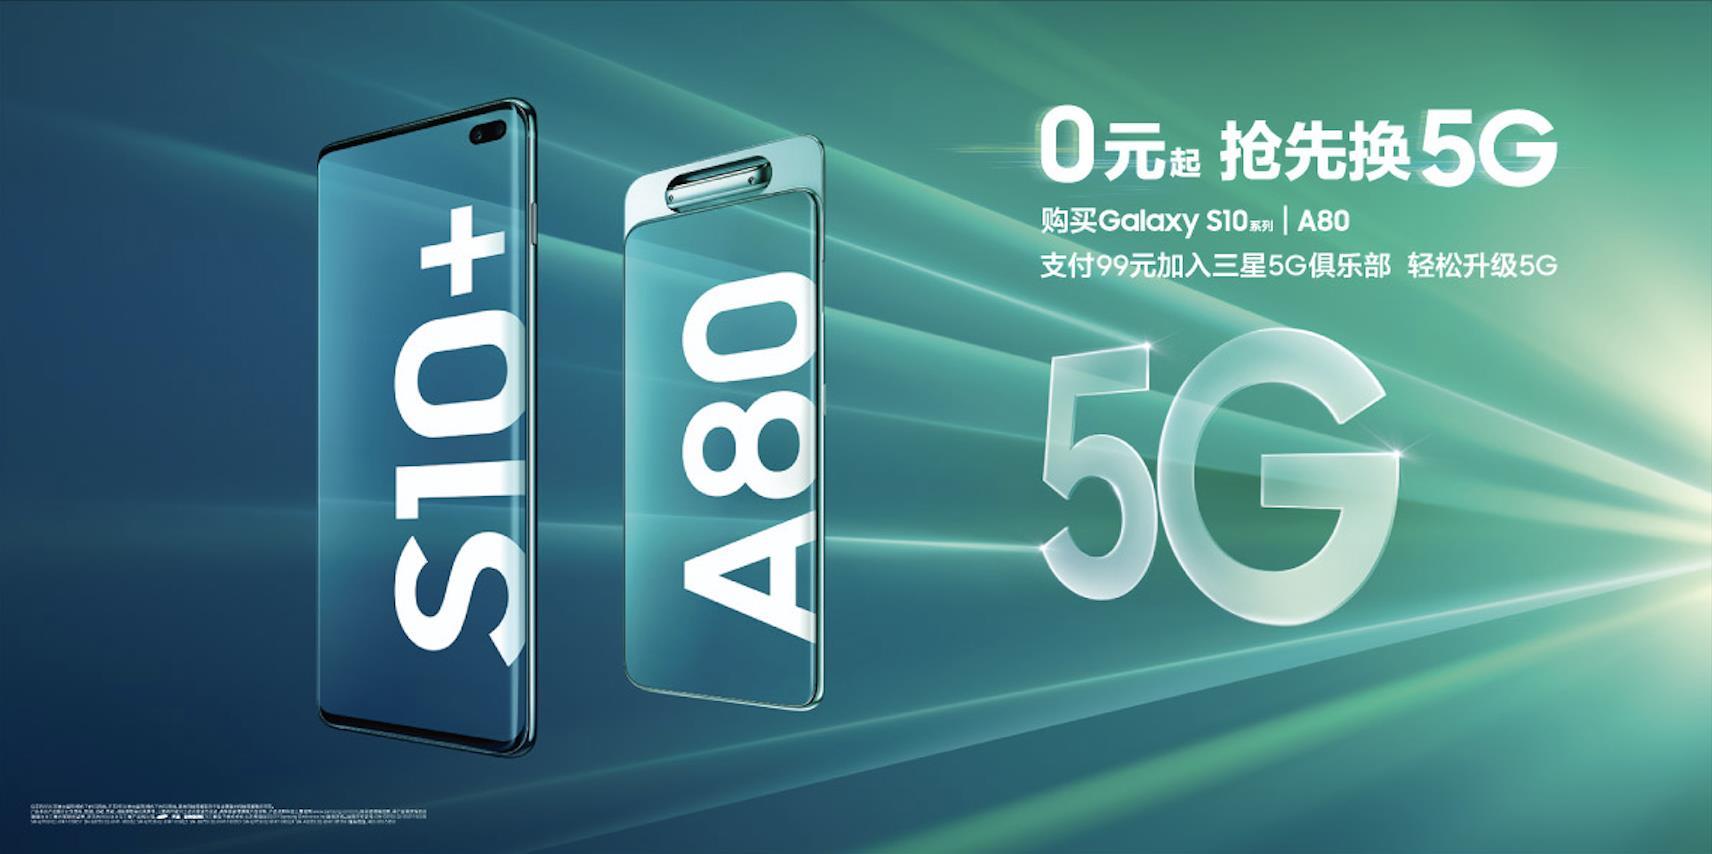 """""""三星5G先锋计划""""7月启动 消费者可0元起升5G手"""